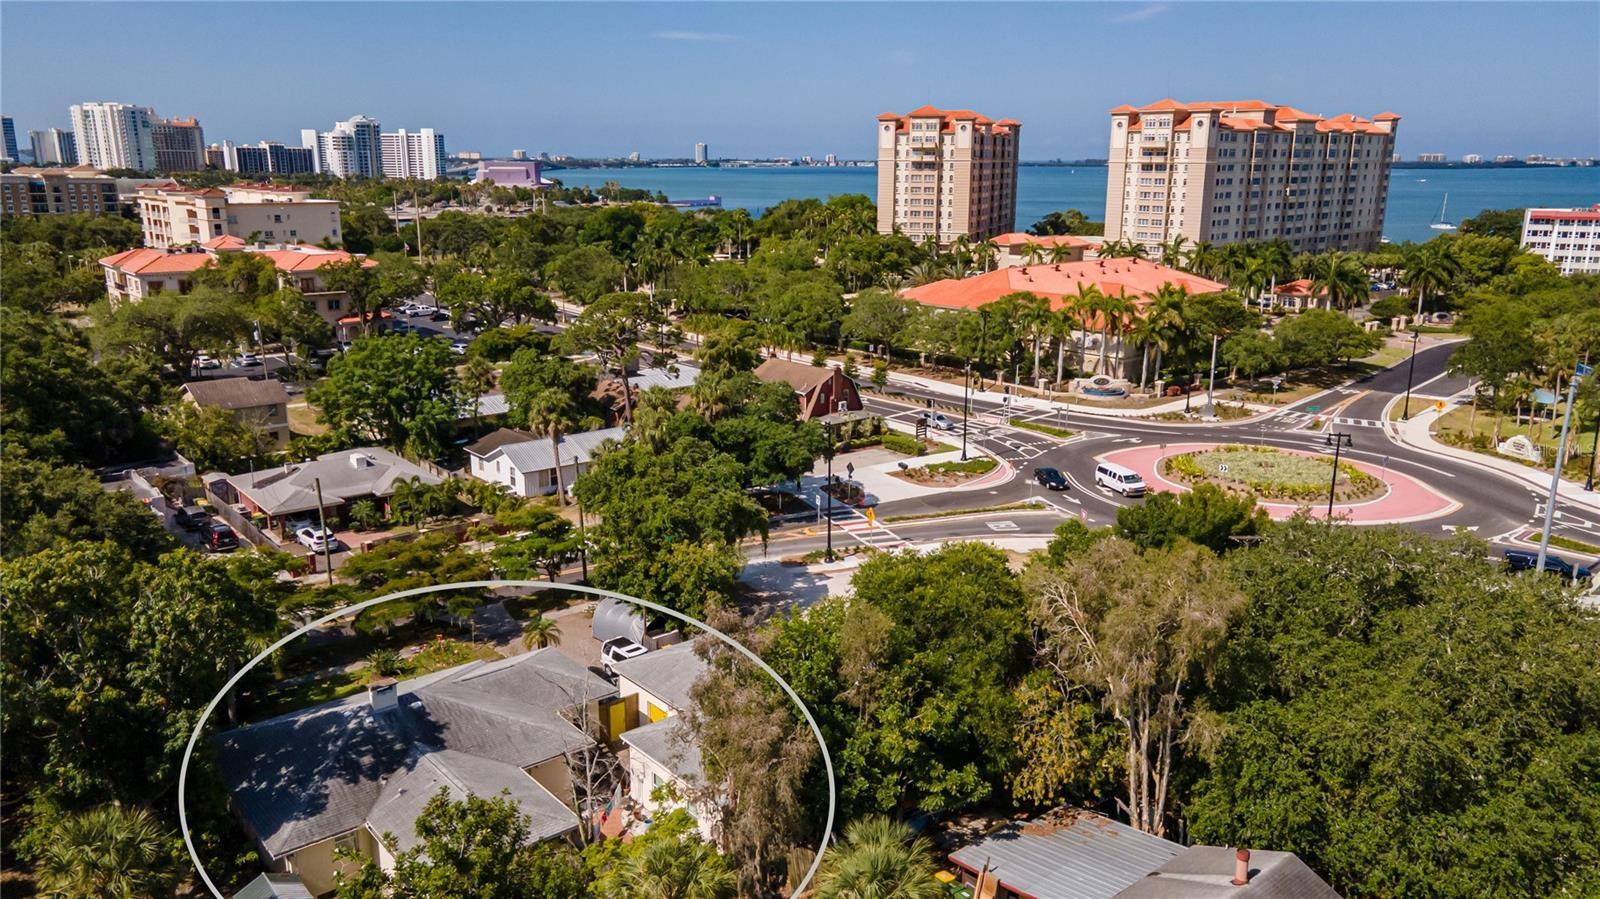 Photo of 1233 14TH STREET, SARASOTA, FL 34236 (MLS # A4503601)